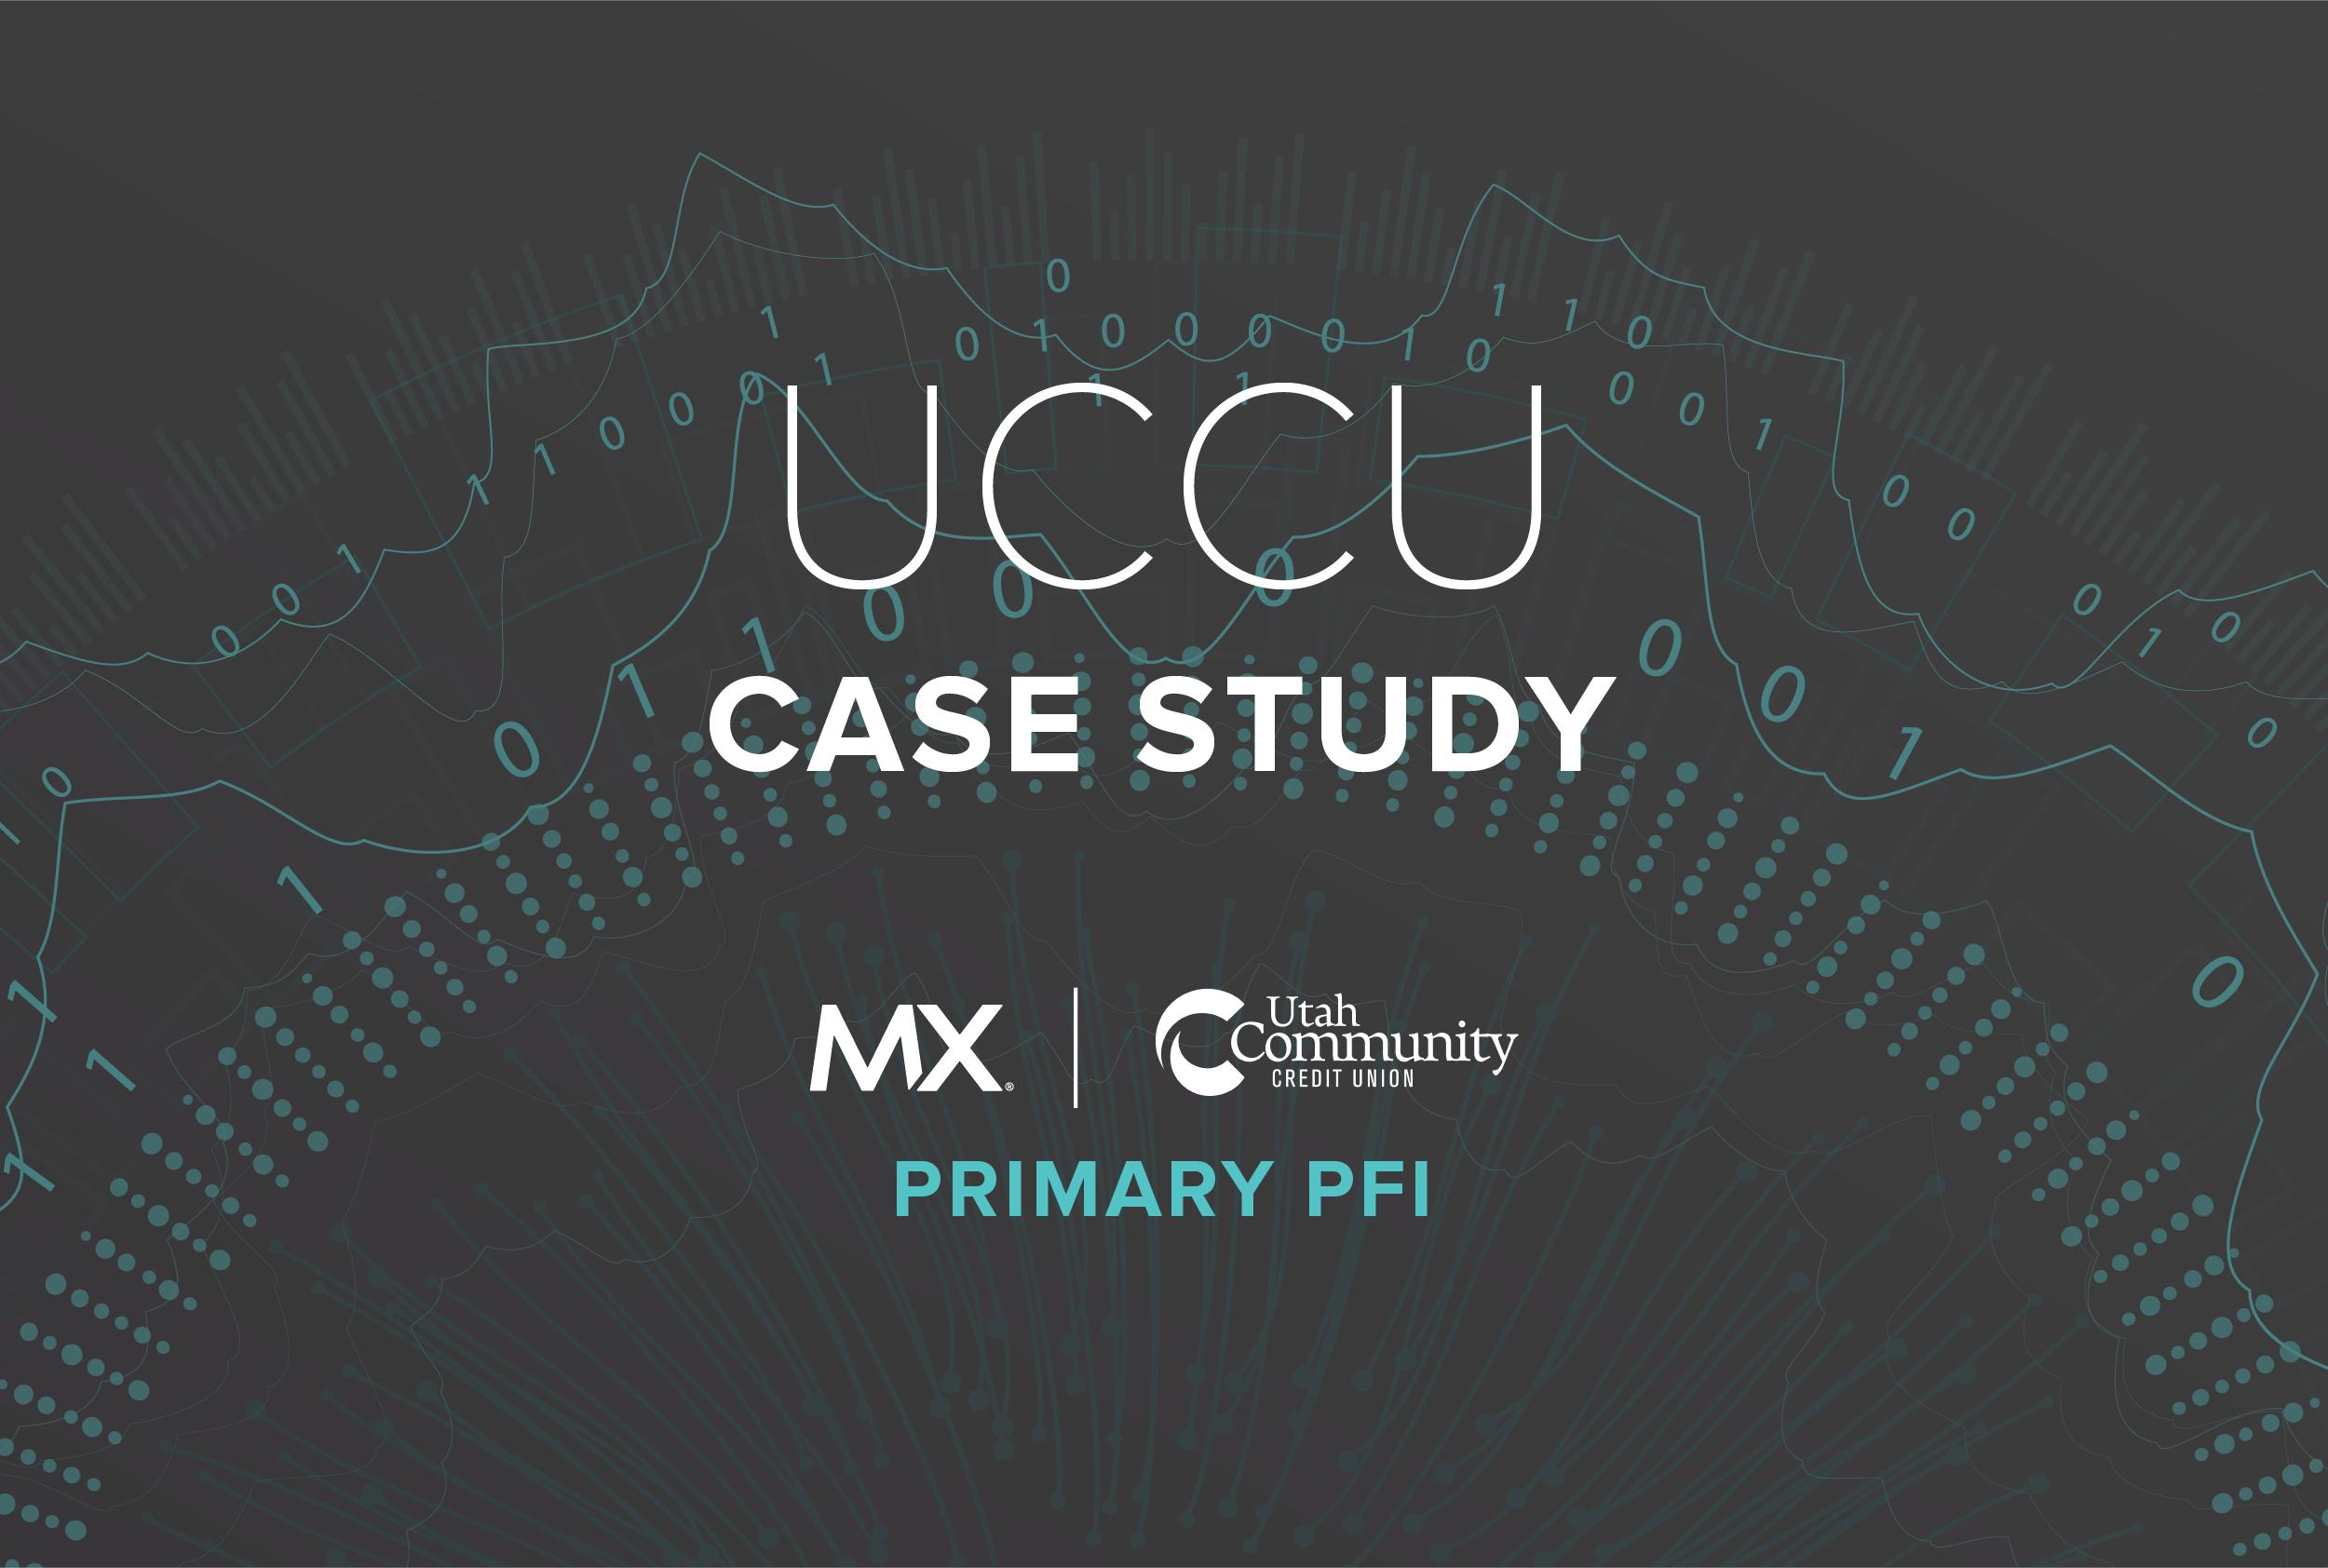 Case Study: UCCU